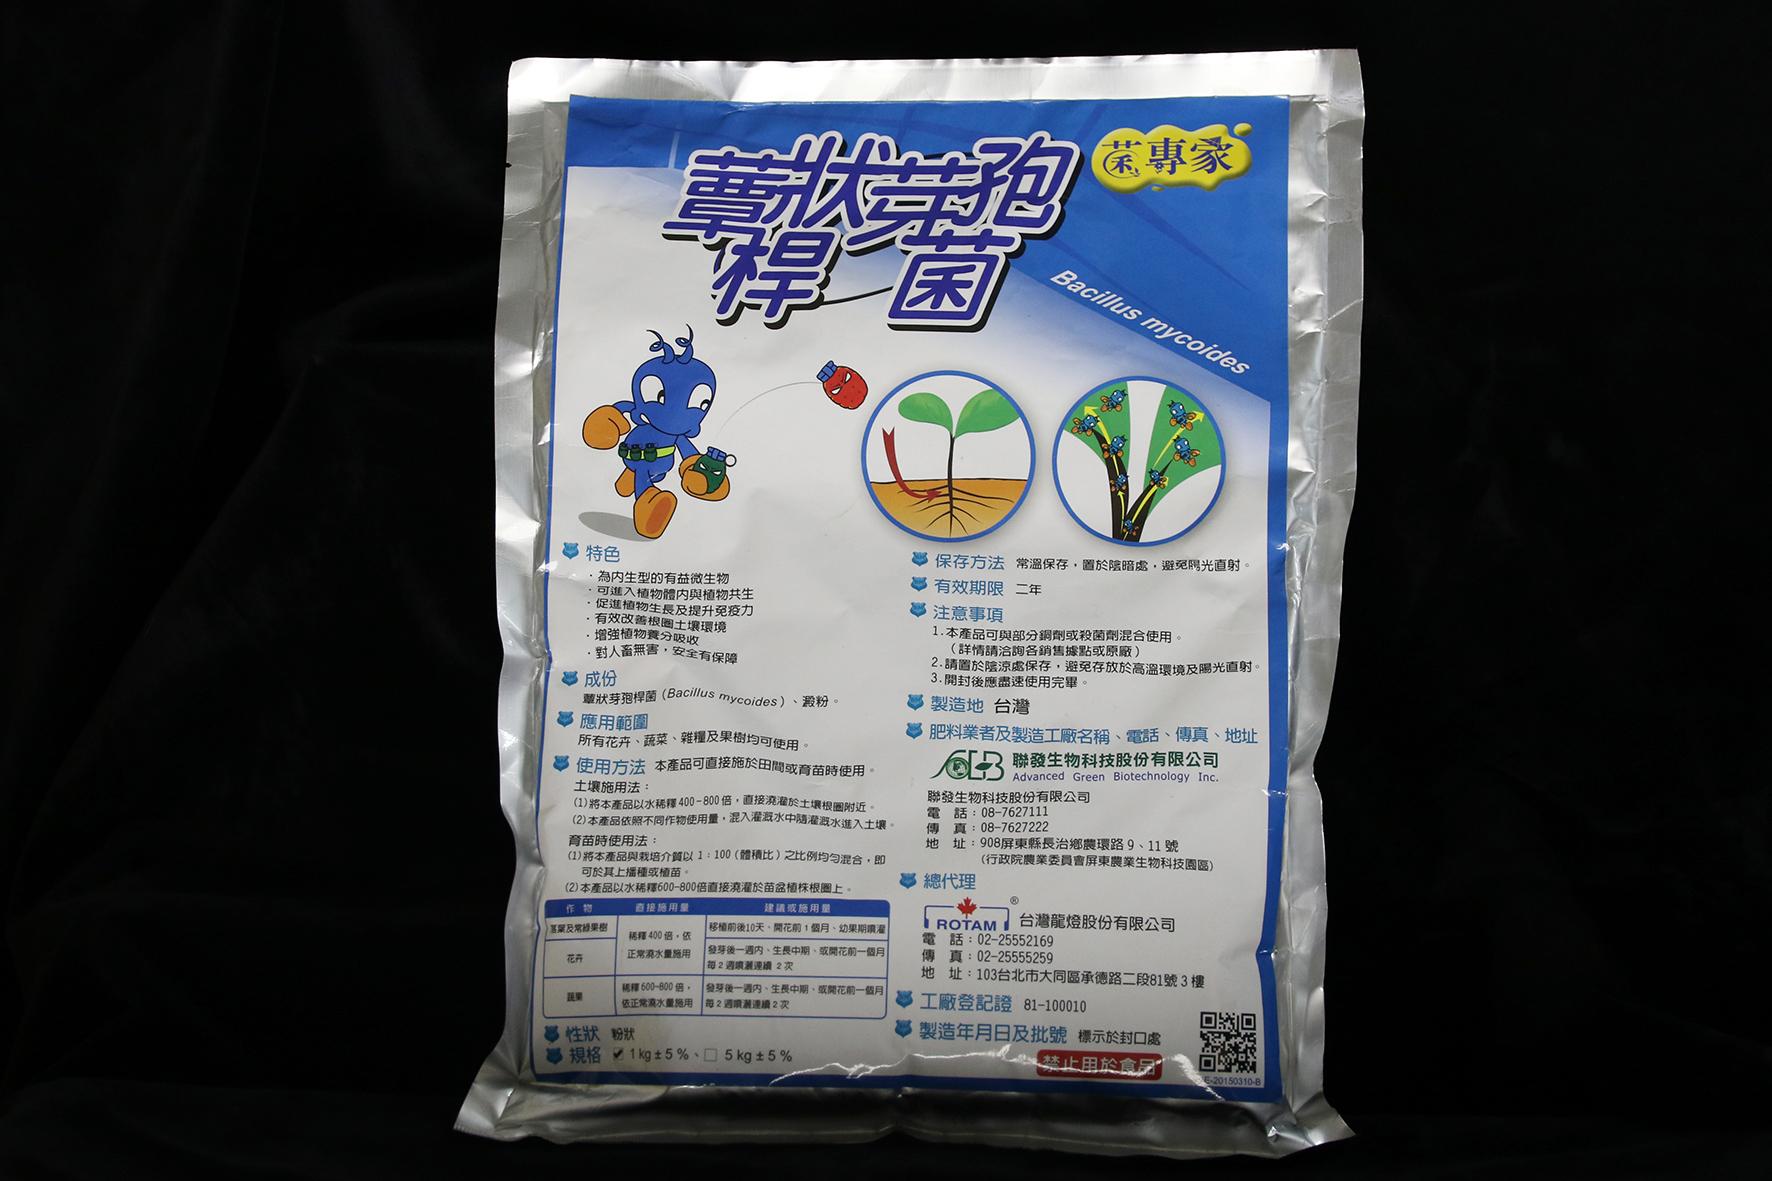 蕈狀芽孢桿菌(聯發生技公司技轉生產)---蕈狀芽孢桿菌粉劑,為一生物農藥